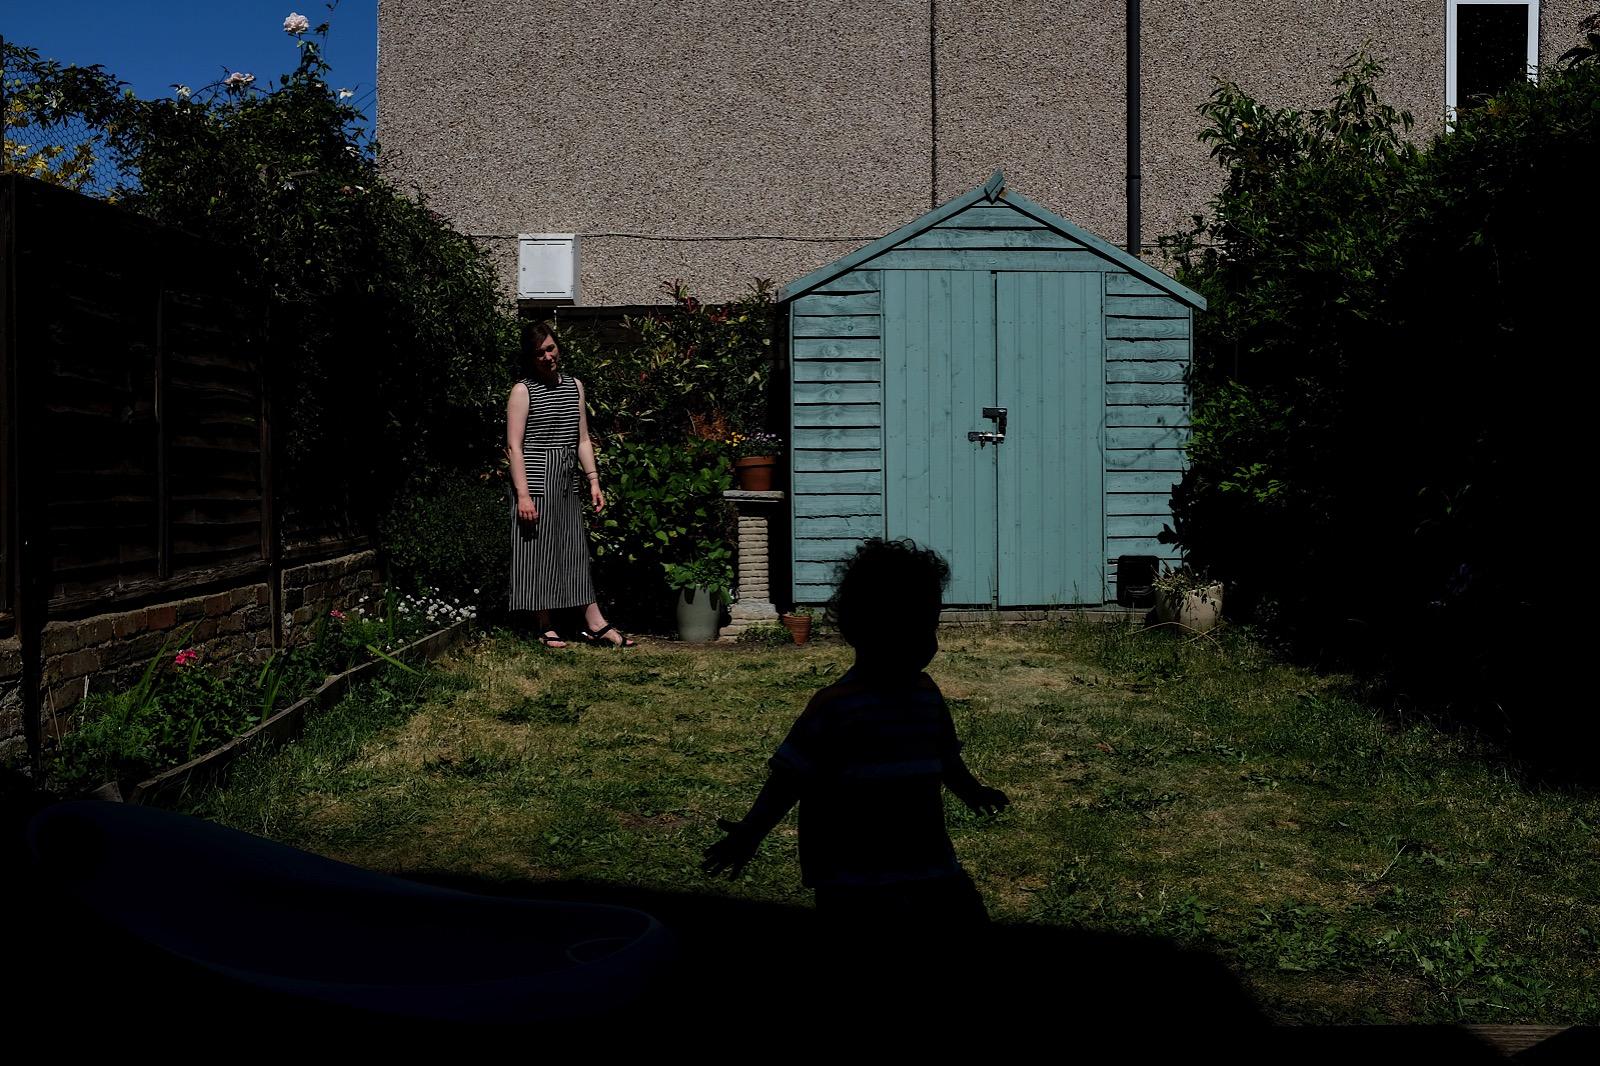 Mother watching child run in Garden